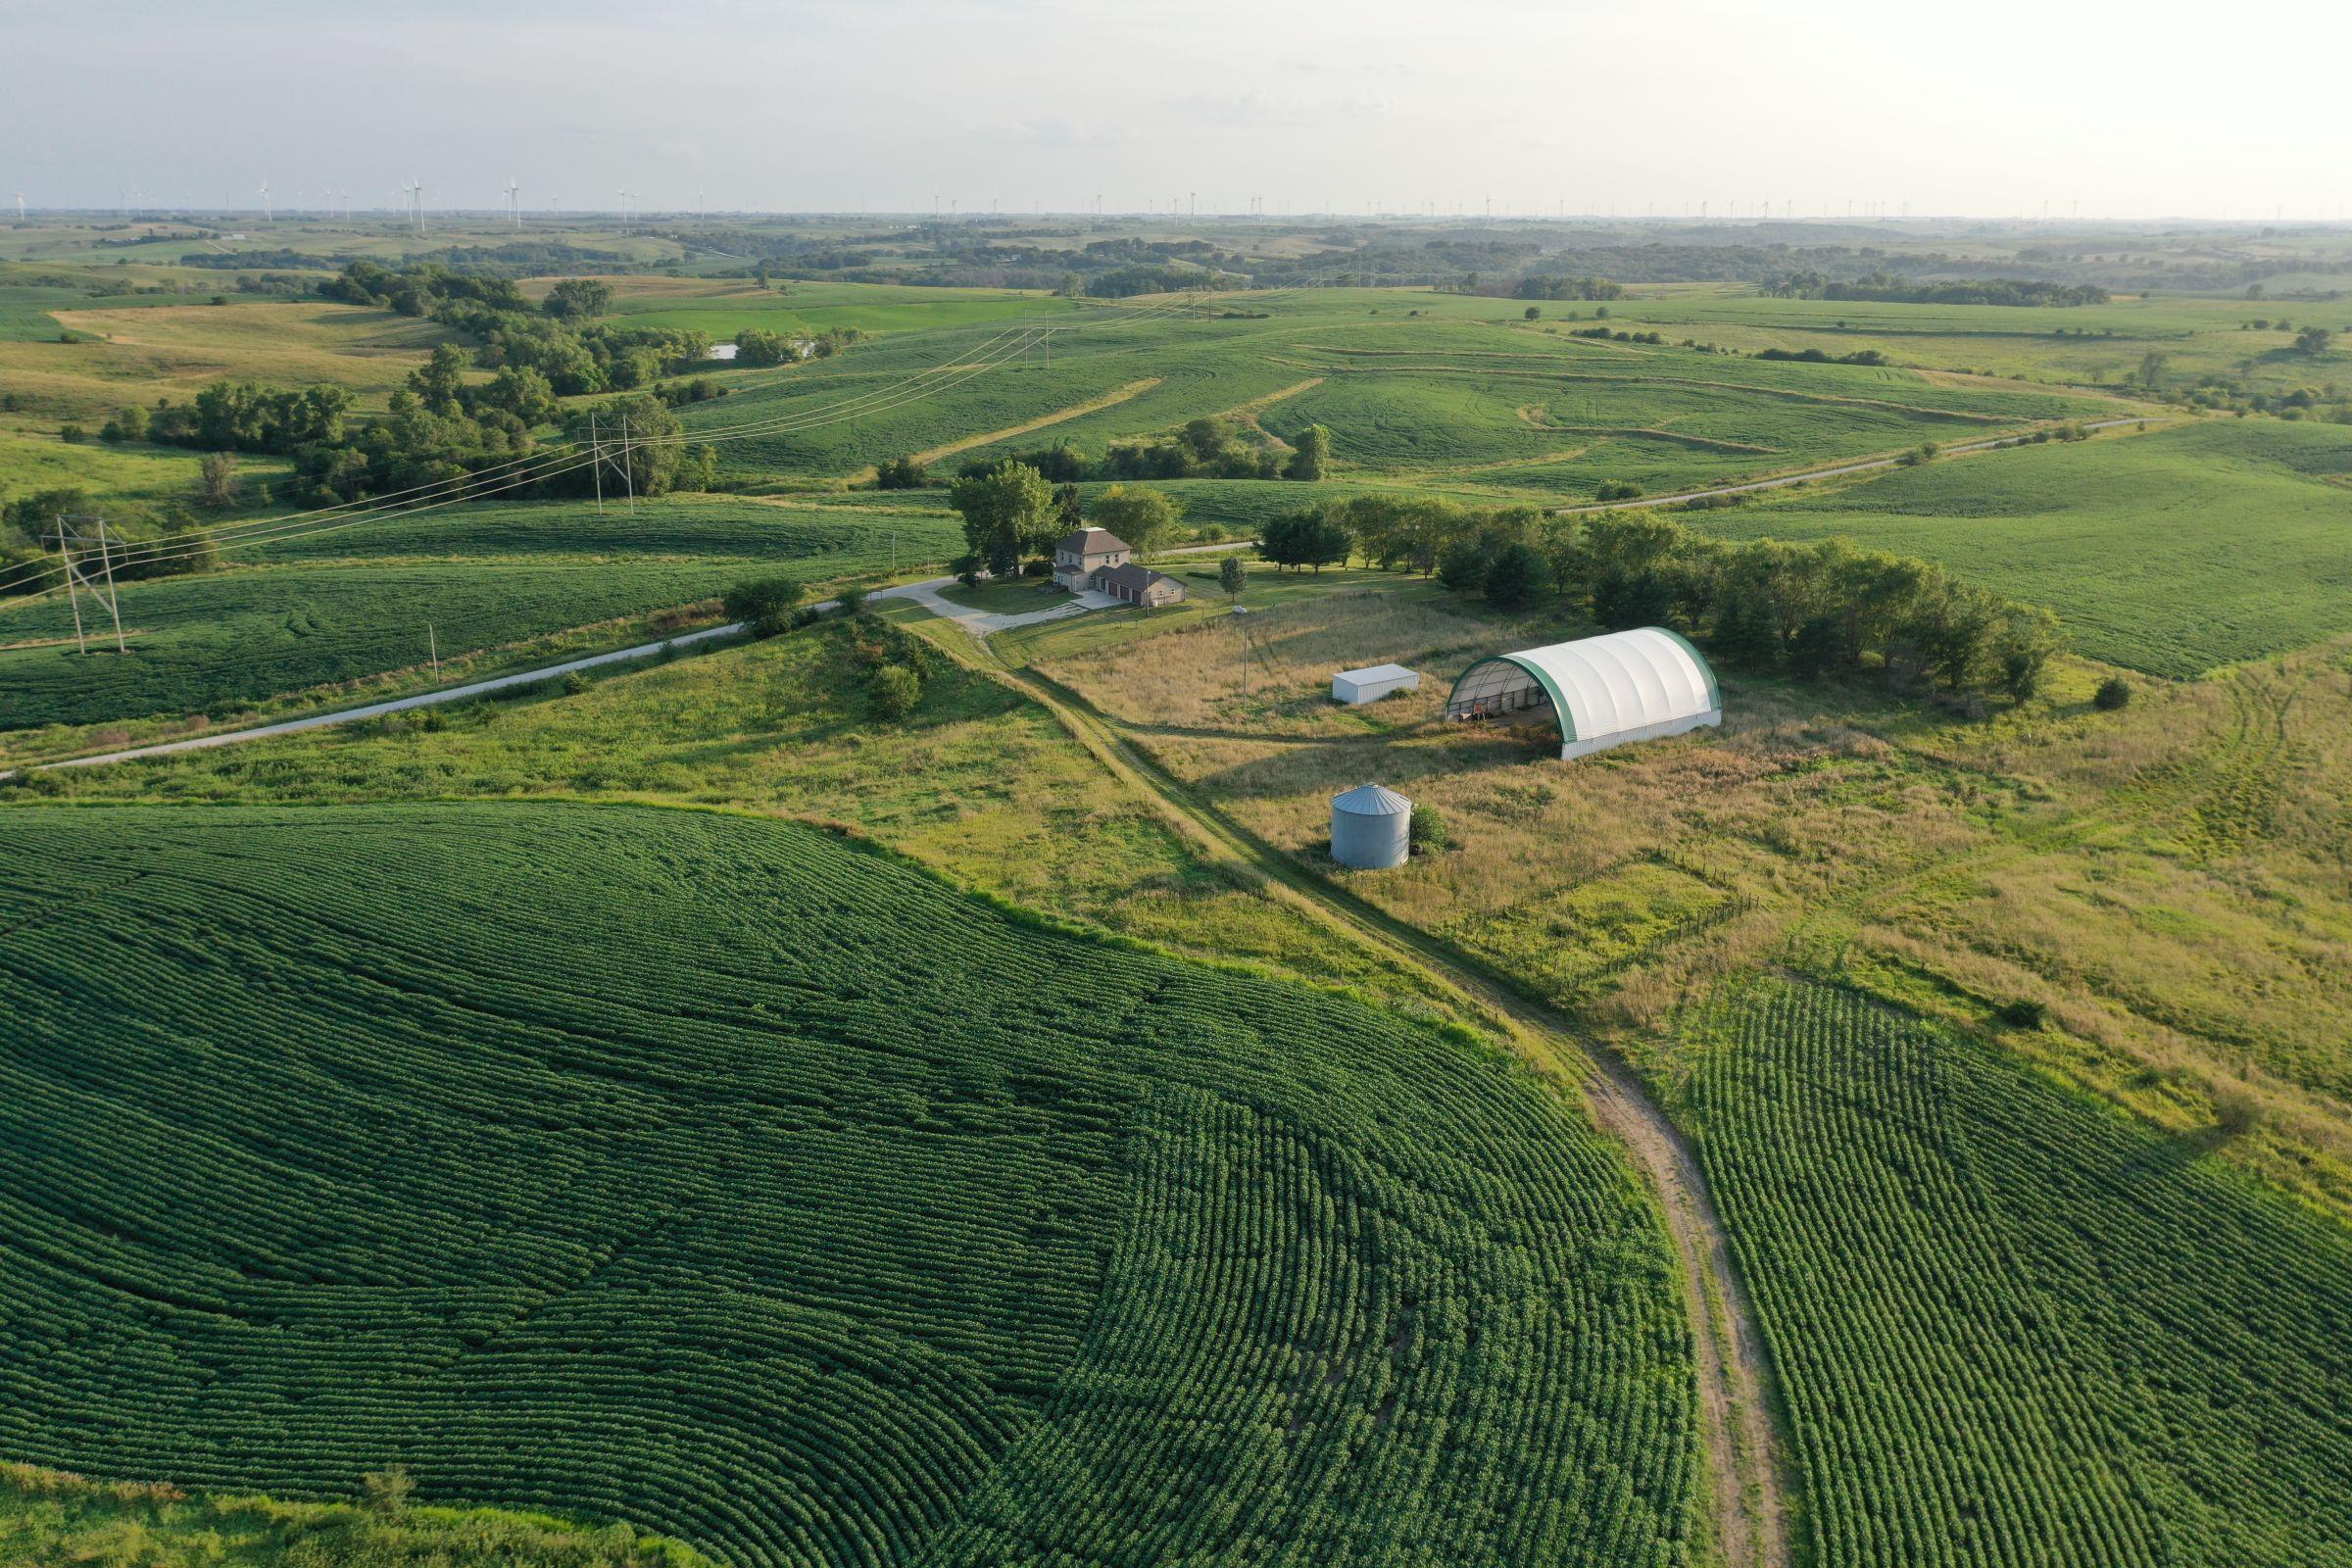 adair-county-iowa-6-acres-listing-number-15664-1-2021-08-04-193034.JPG